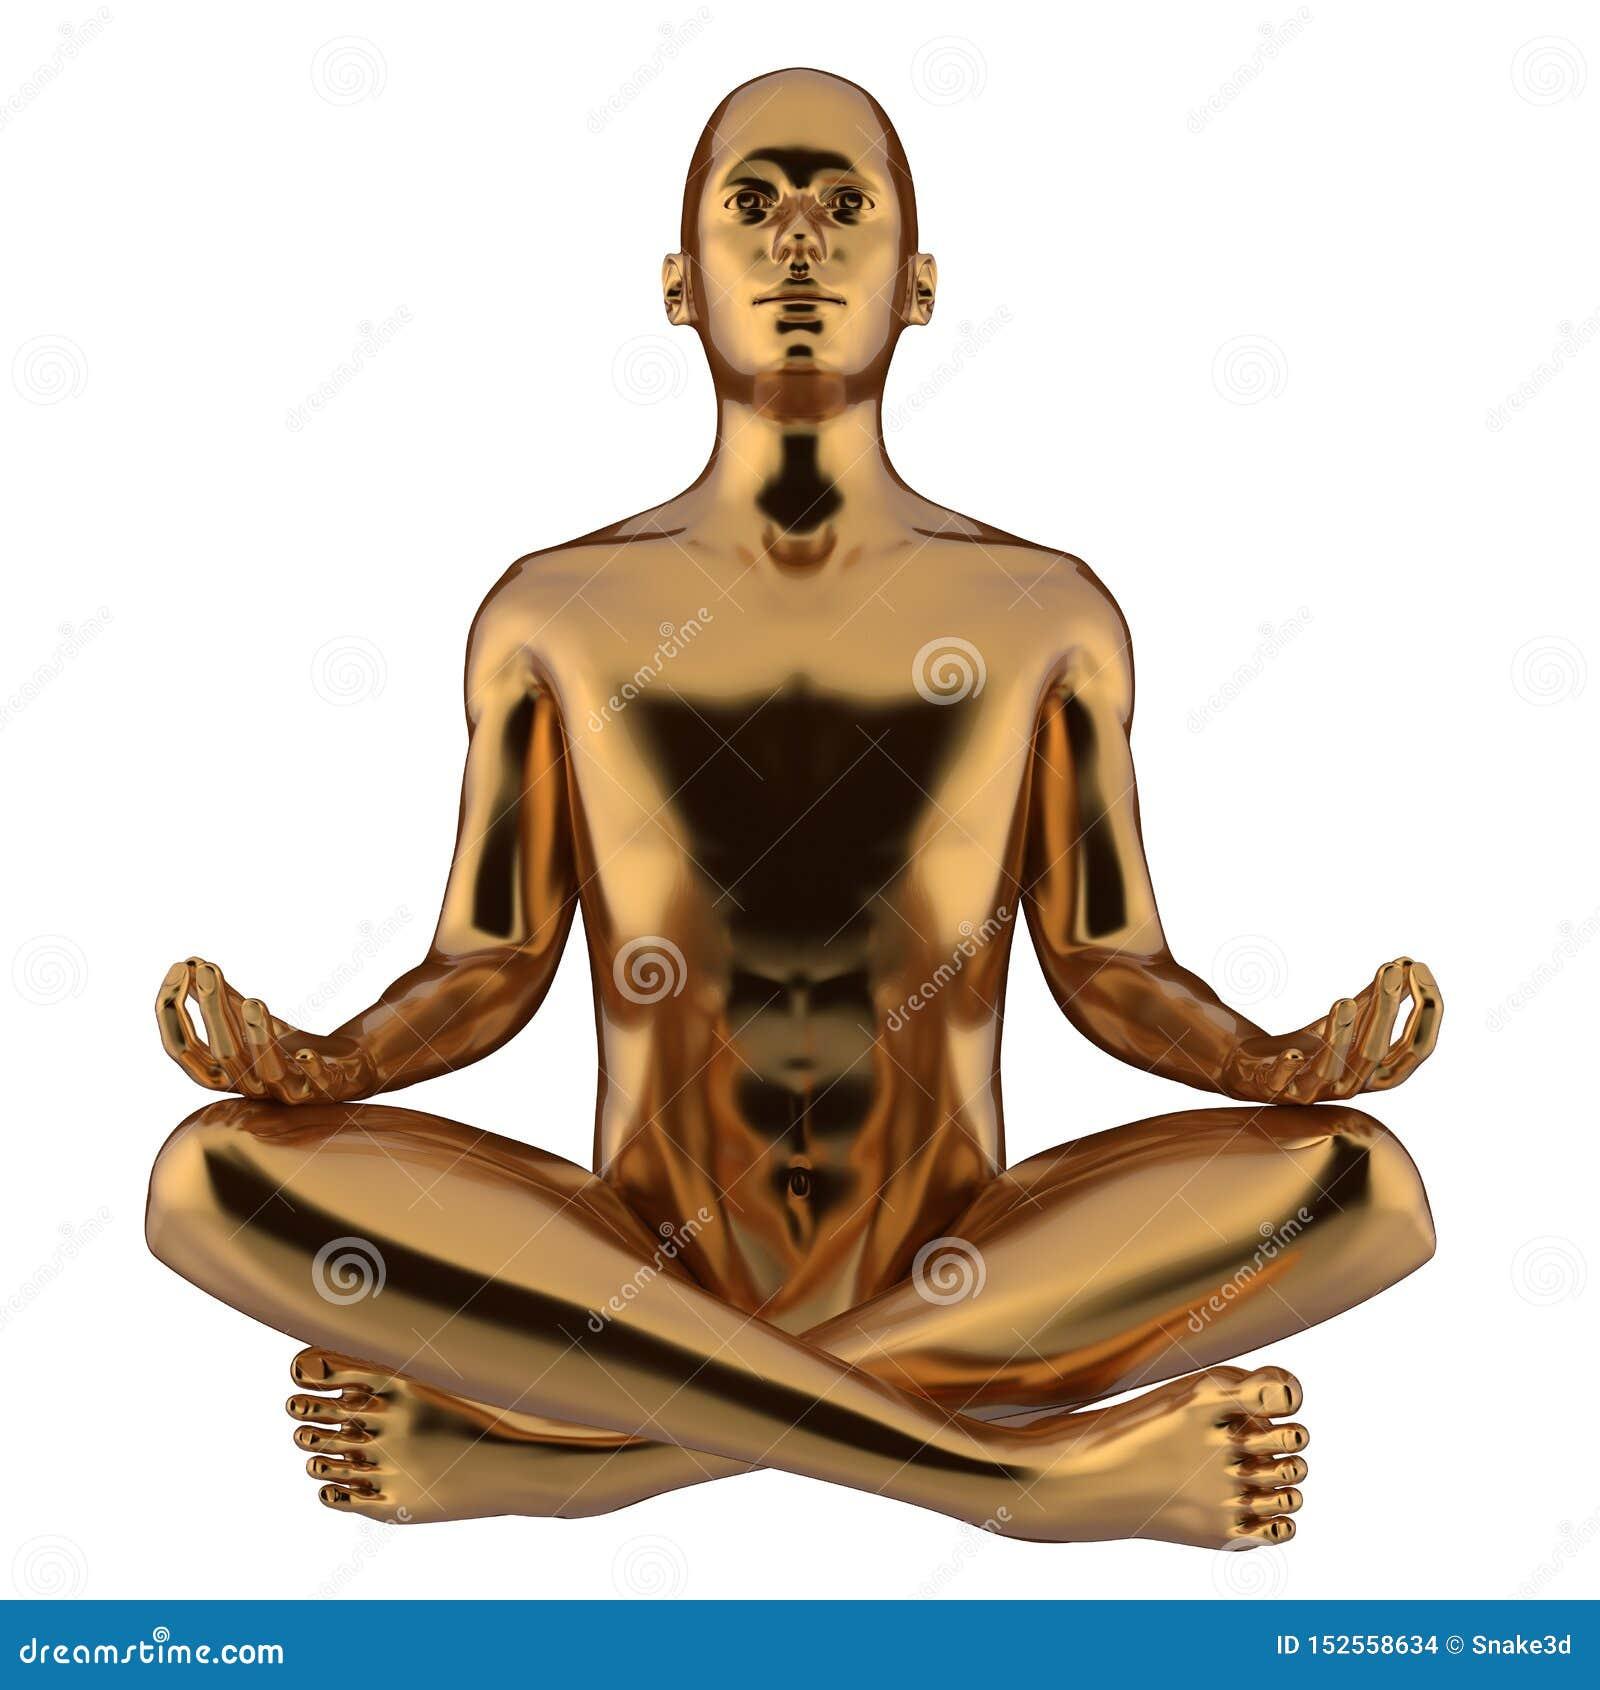 Illustrationen 3d av positionen för lotusblomma för yoga för järnstatymannen stiliserade guld-